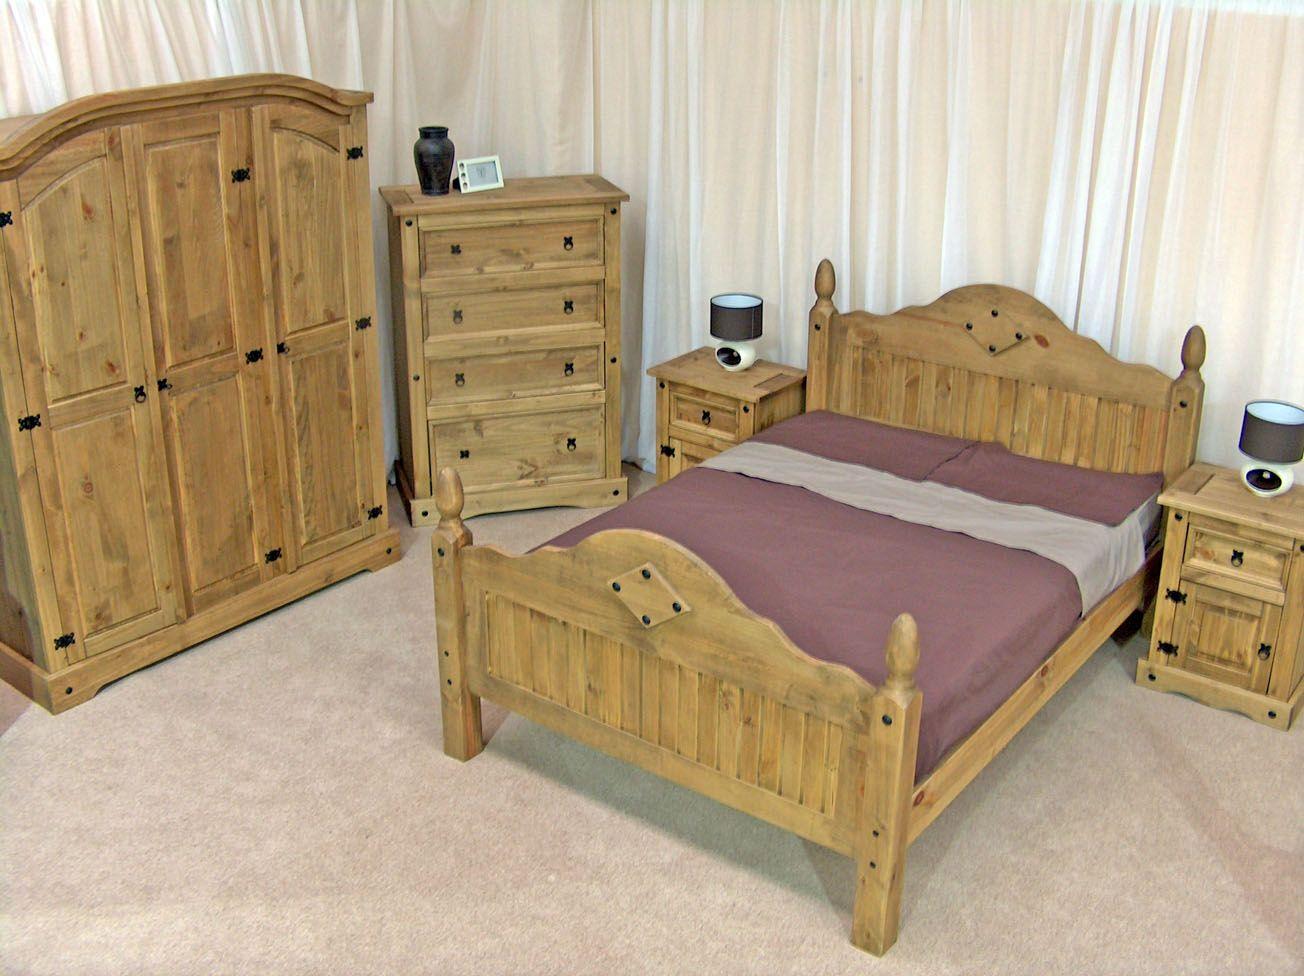 Mexican Pine Bedroom Furniture Pine Bedroom Furniture Pine Furniture Furniture Color Schemes